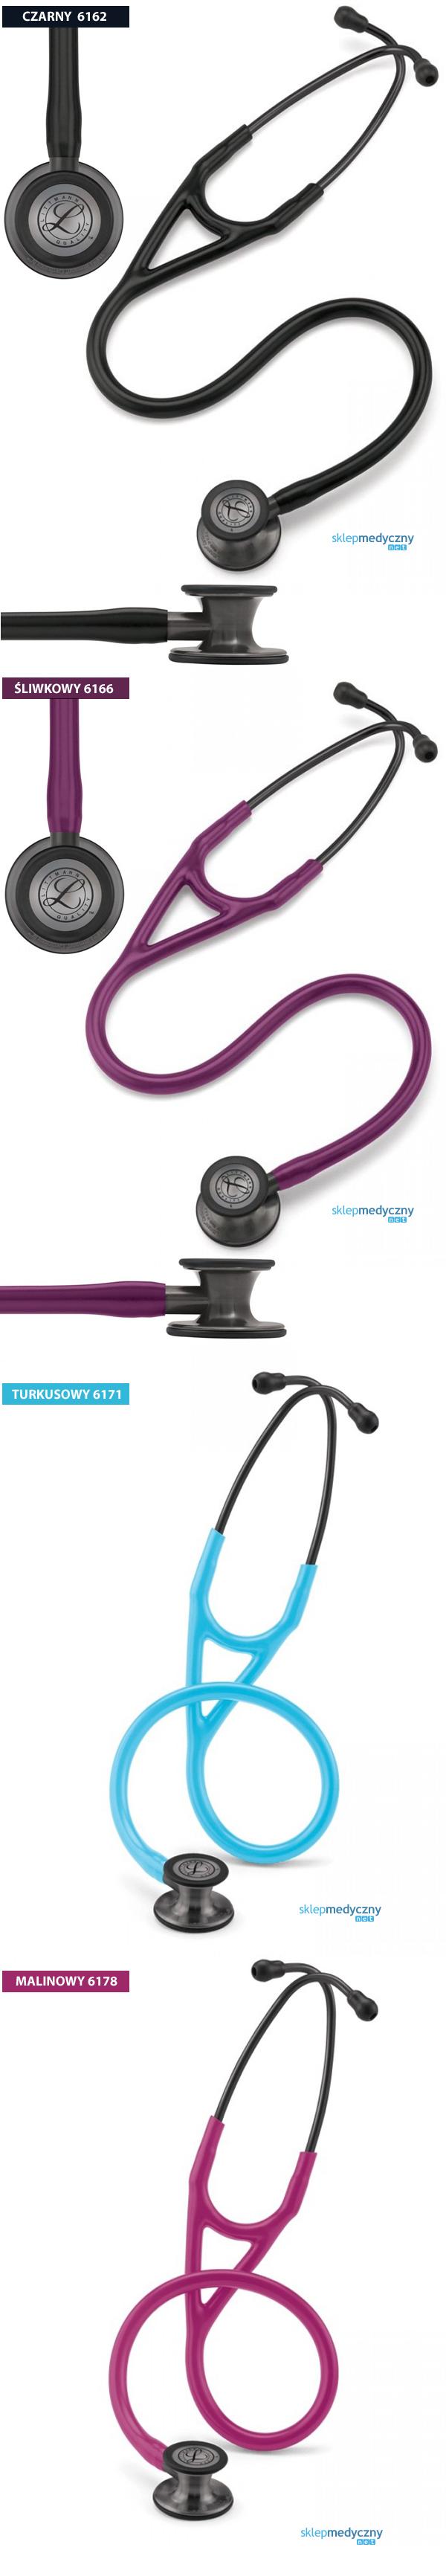 Stetoskop Littmann Cardiology IV Smoke Finish